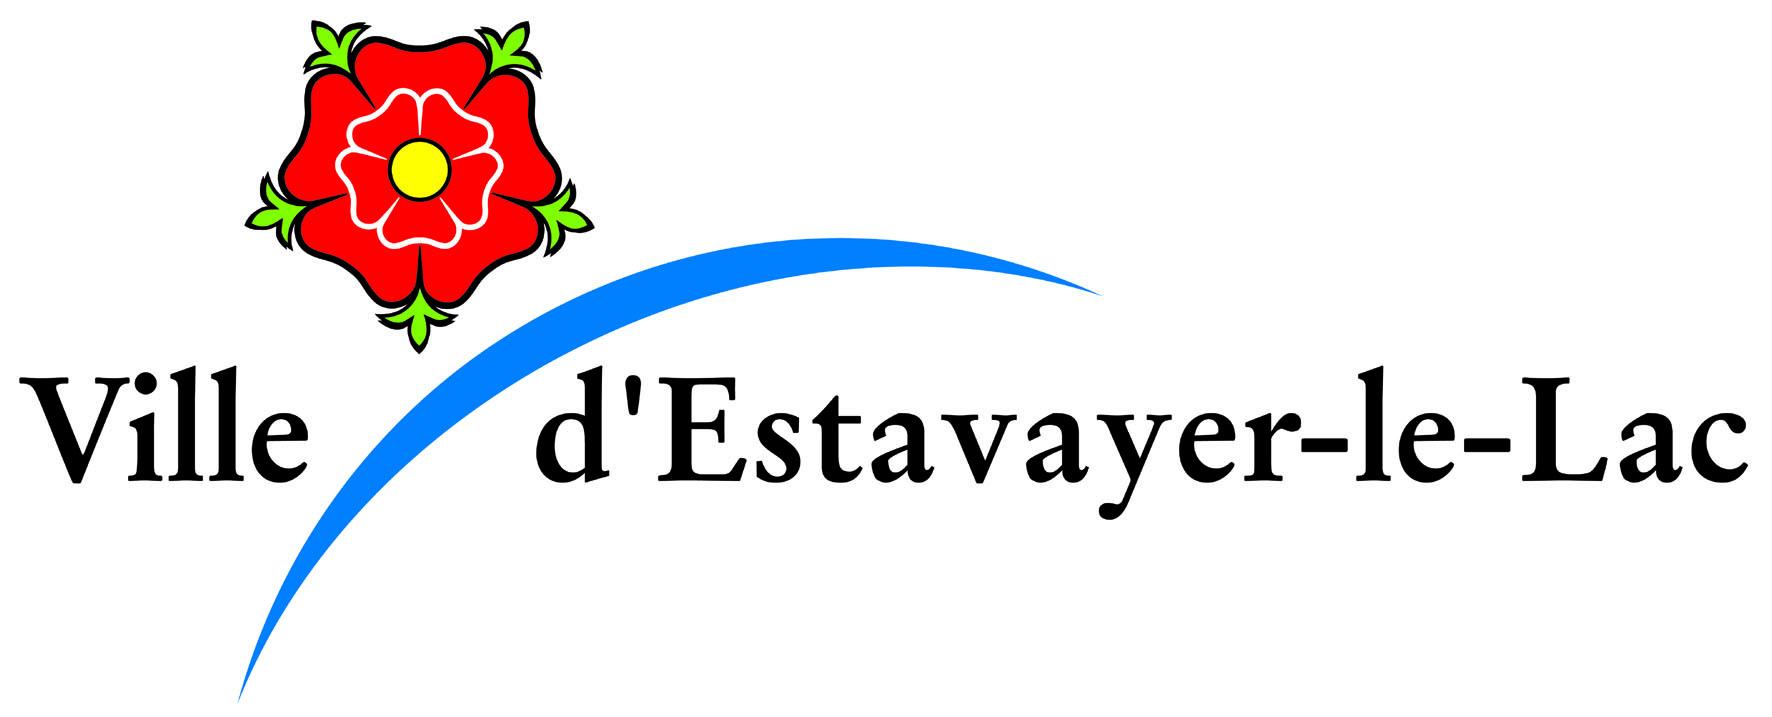 Estavyer ville medievale